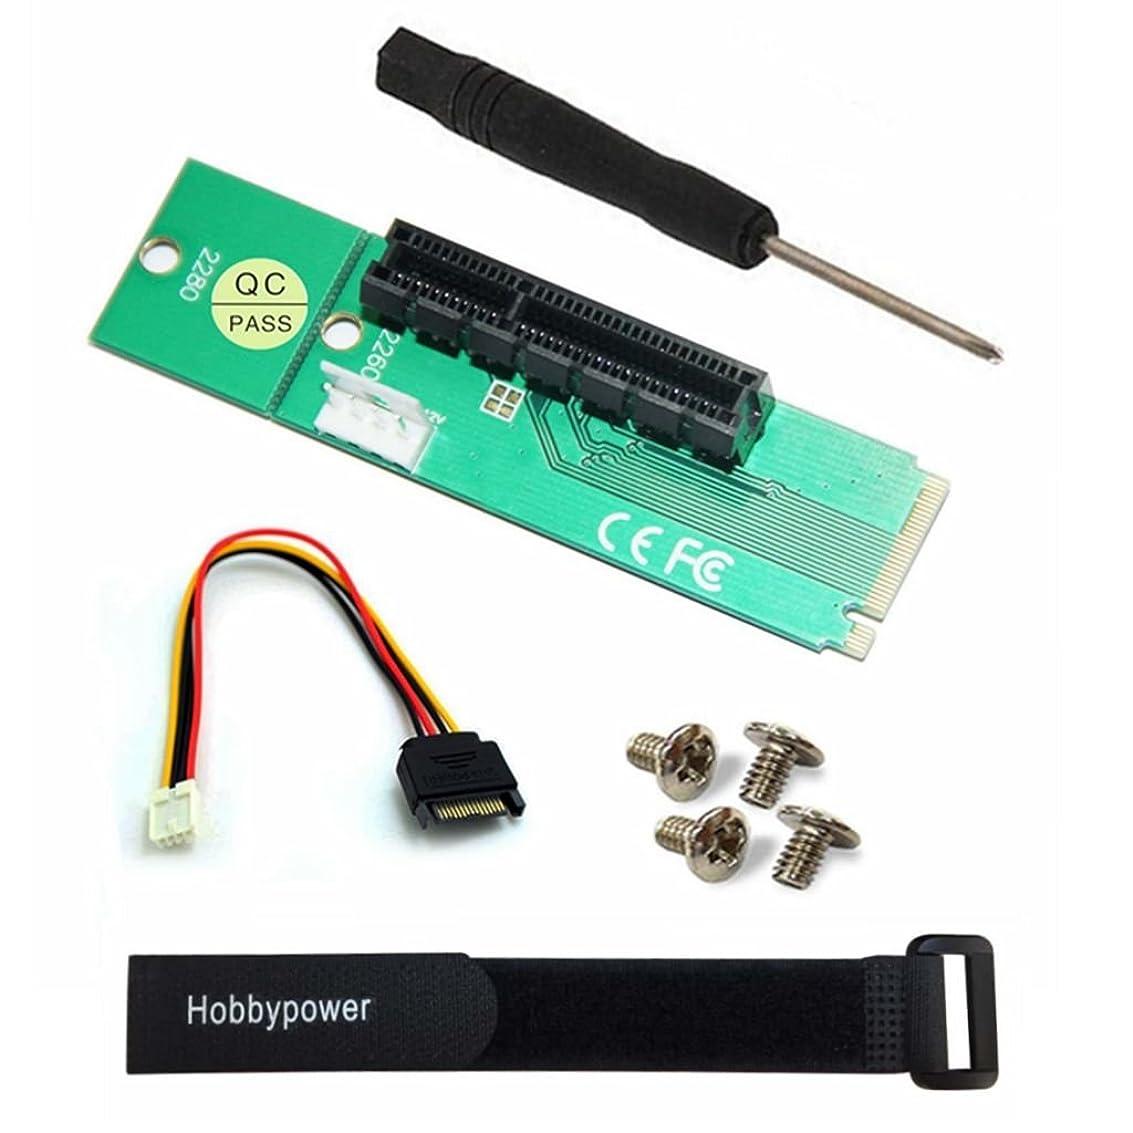 市の花宅配便厚いHobbypower PCI - E 1?X / 4?xカードto NGFF M。2?m Key PCIeスロットアダプタコンバータアダプターforデスクトップまたはノートパソコン+ 1?Hobbypowerストラップ